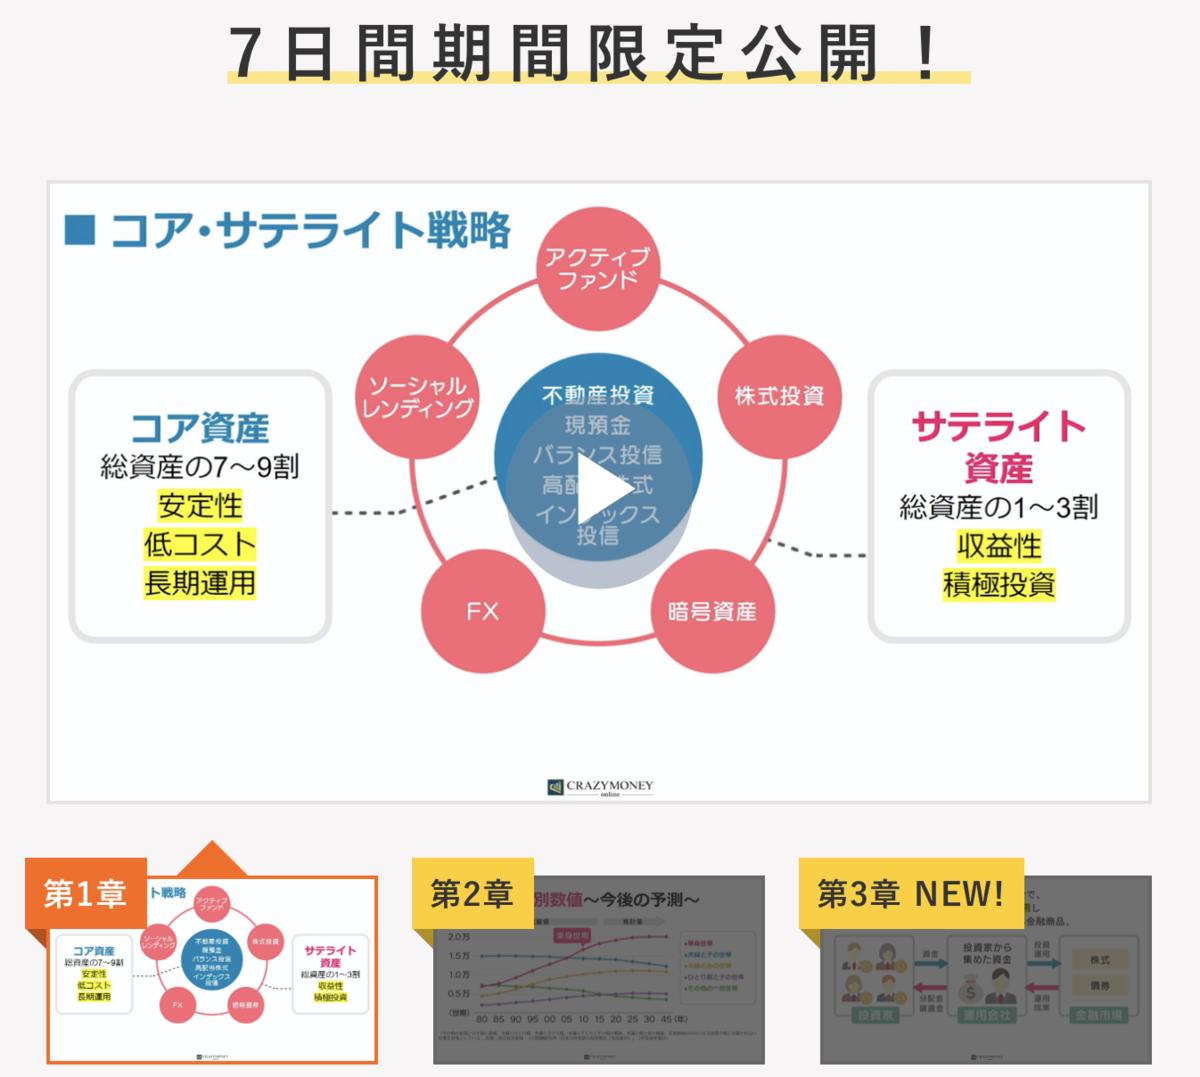 f:id:Mizutakooo:20200709103008p:plain